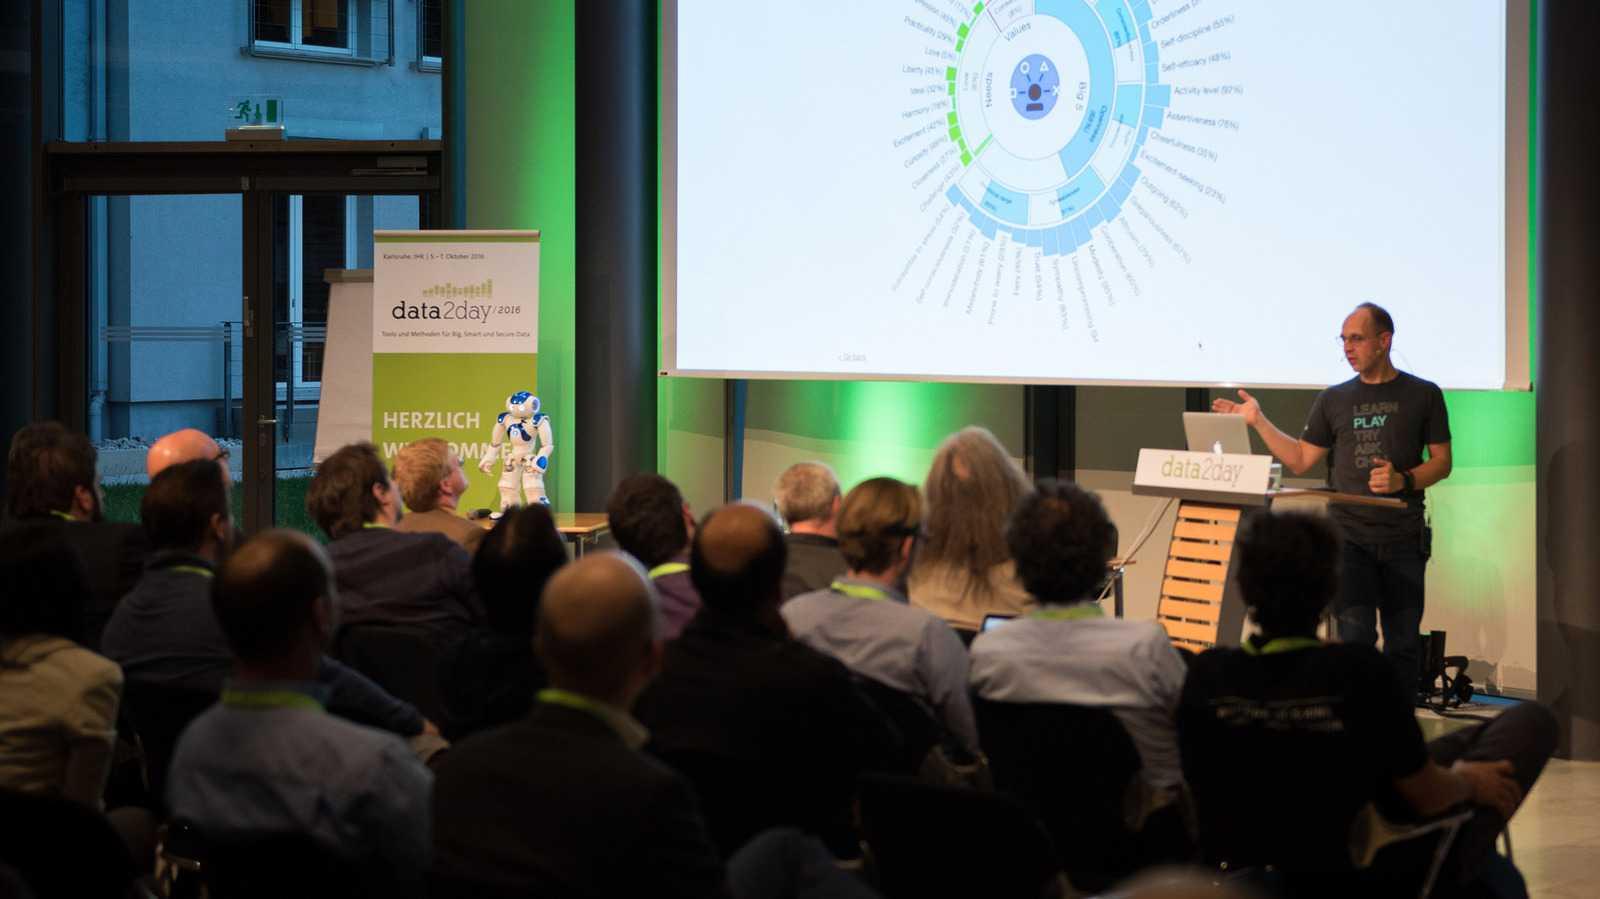 data2day 2017: Jetzt mit Vortrag oder Workshop für Big-Data-Konferenz bewerben